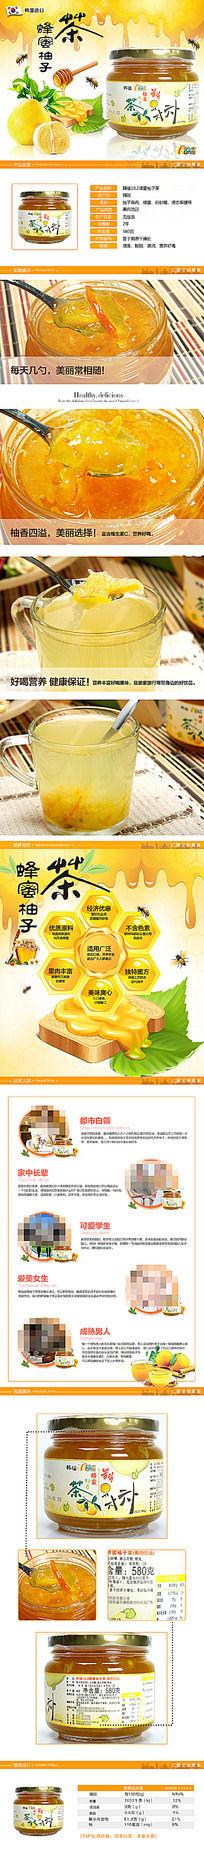 淘宝蜂蜜柚子茶宝贝详情页